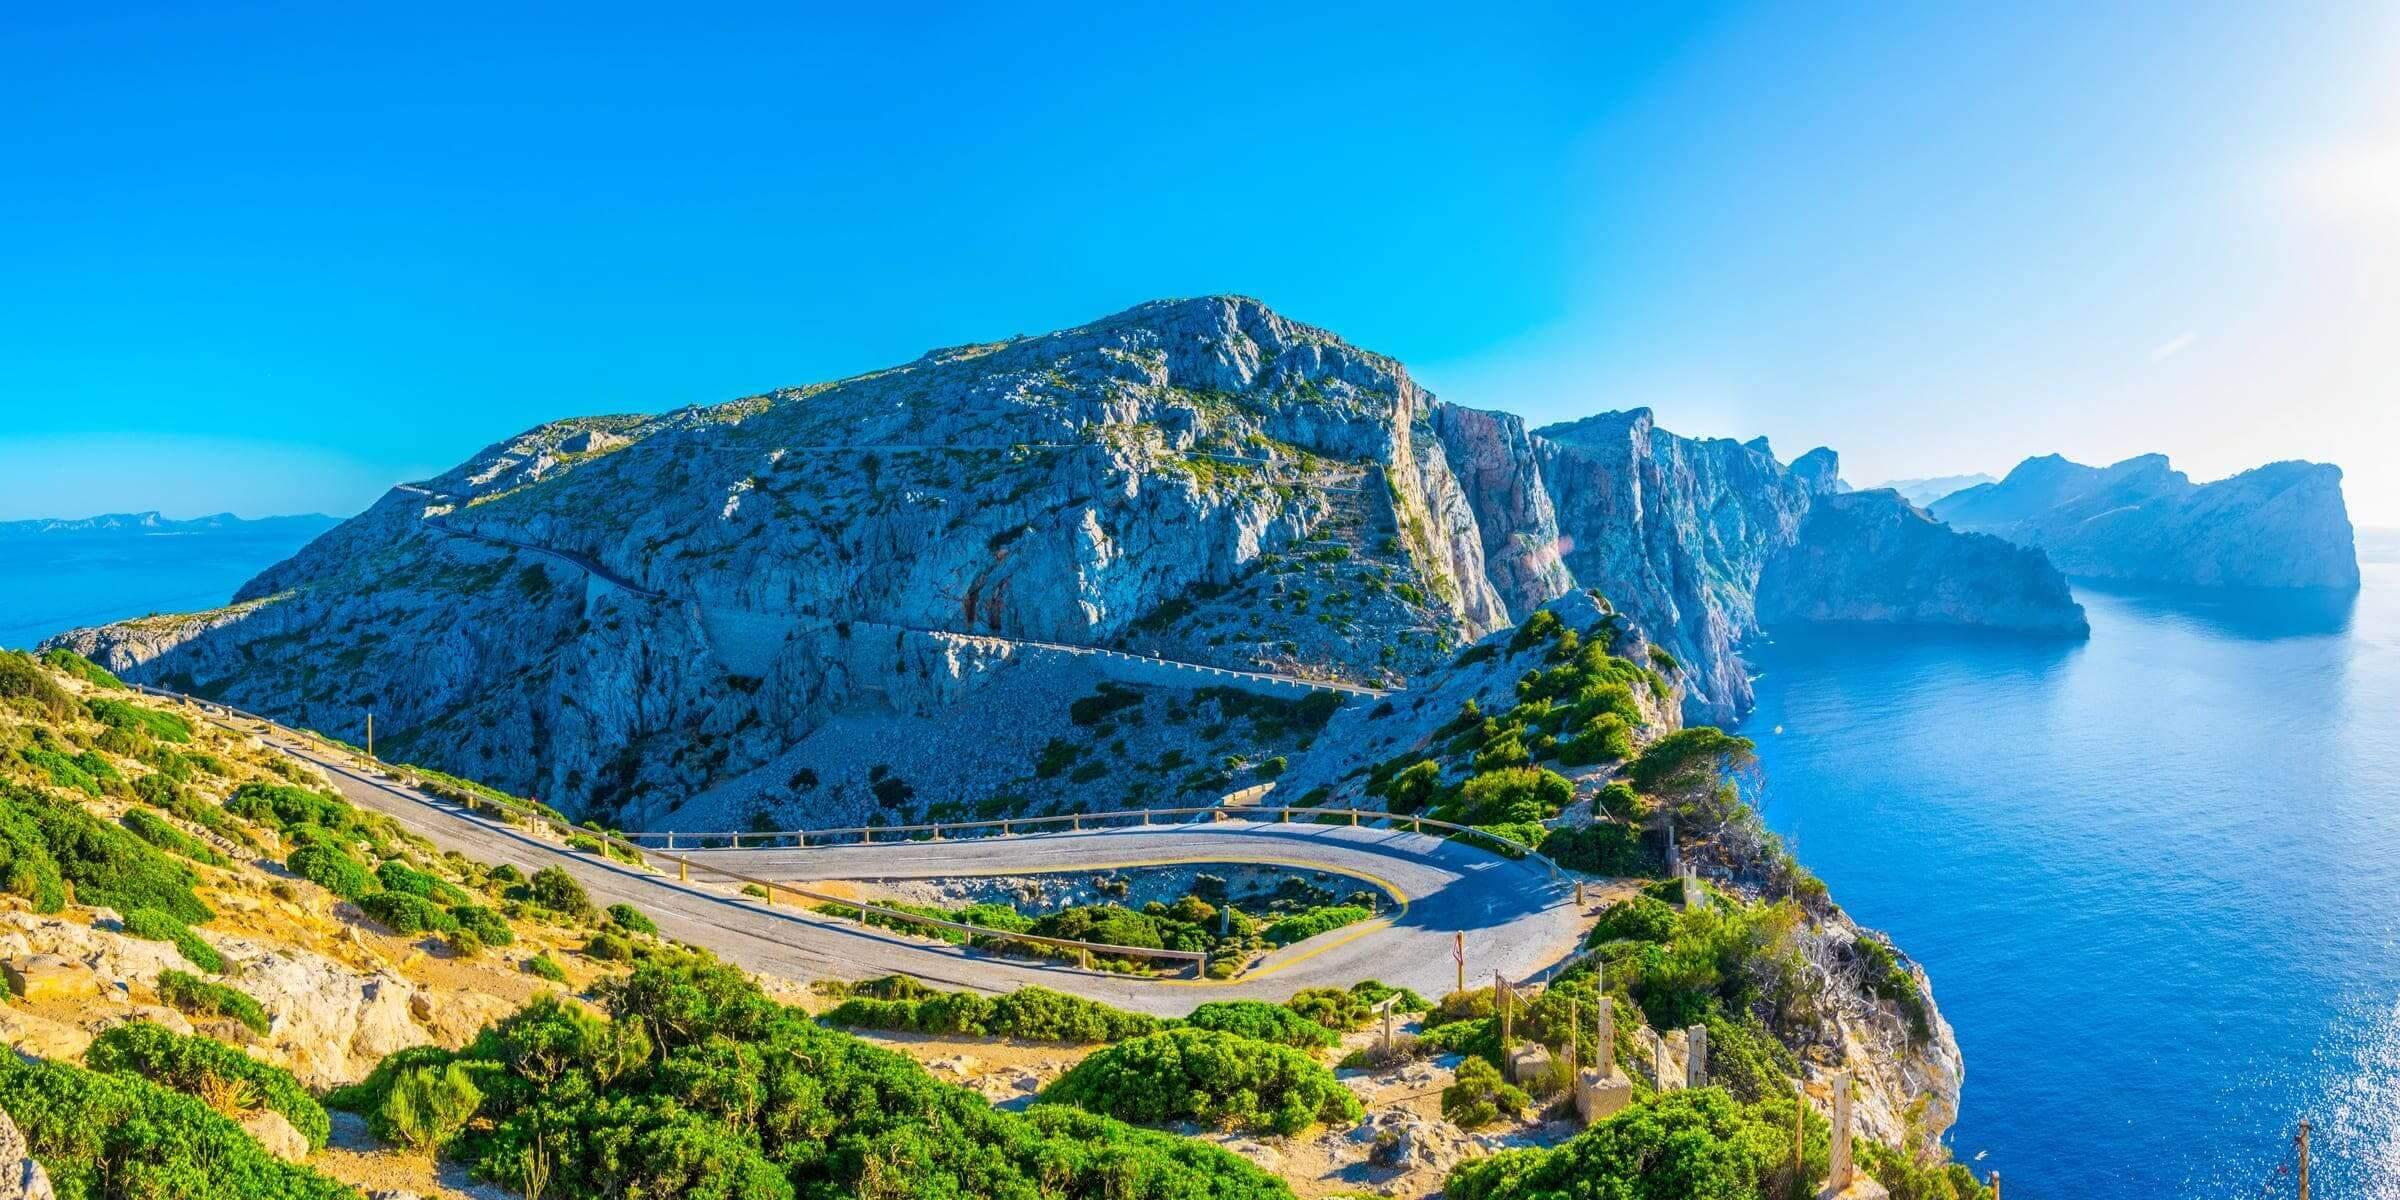 Singlereise nach Mallorca - Serpentinen auf der Küstenstraße